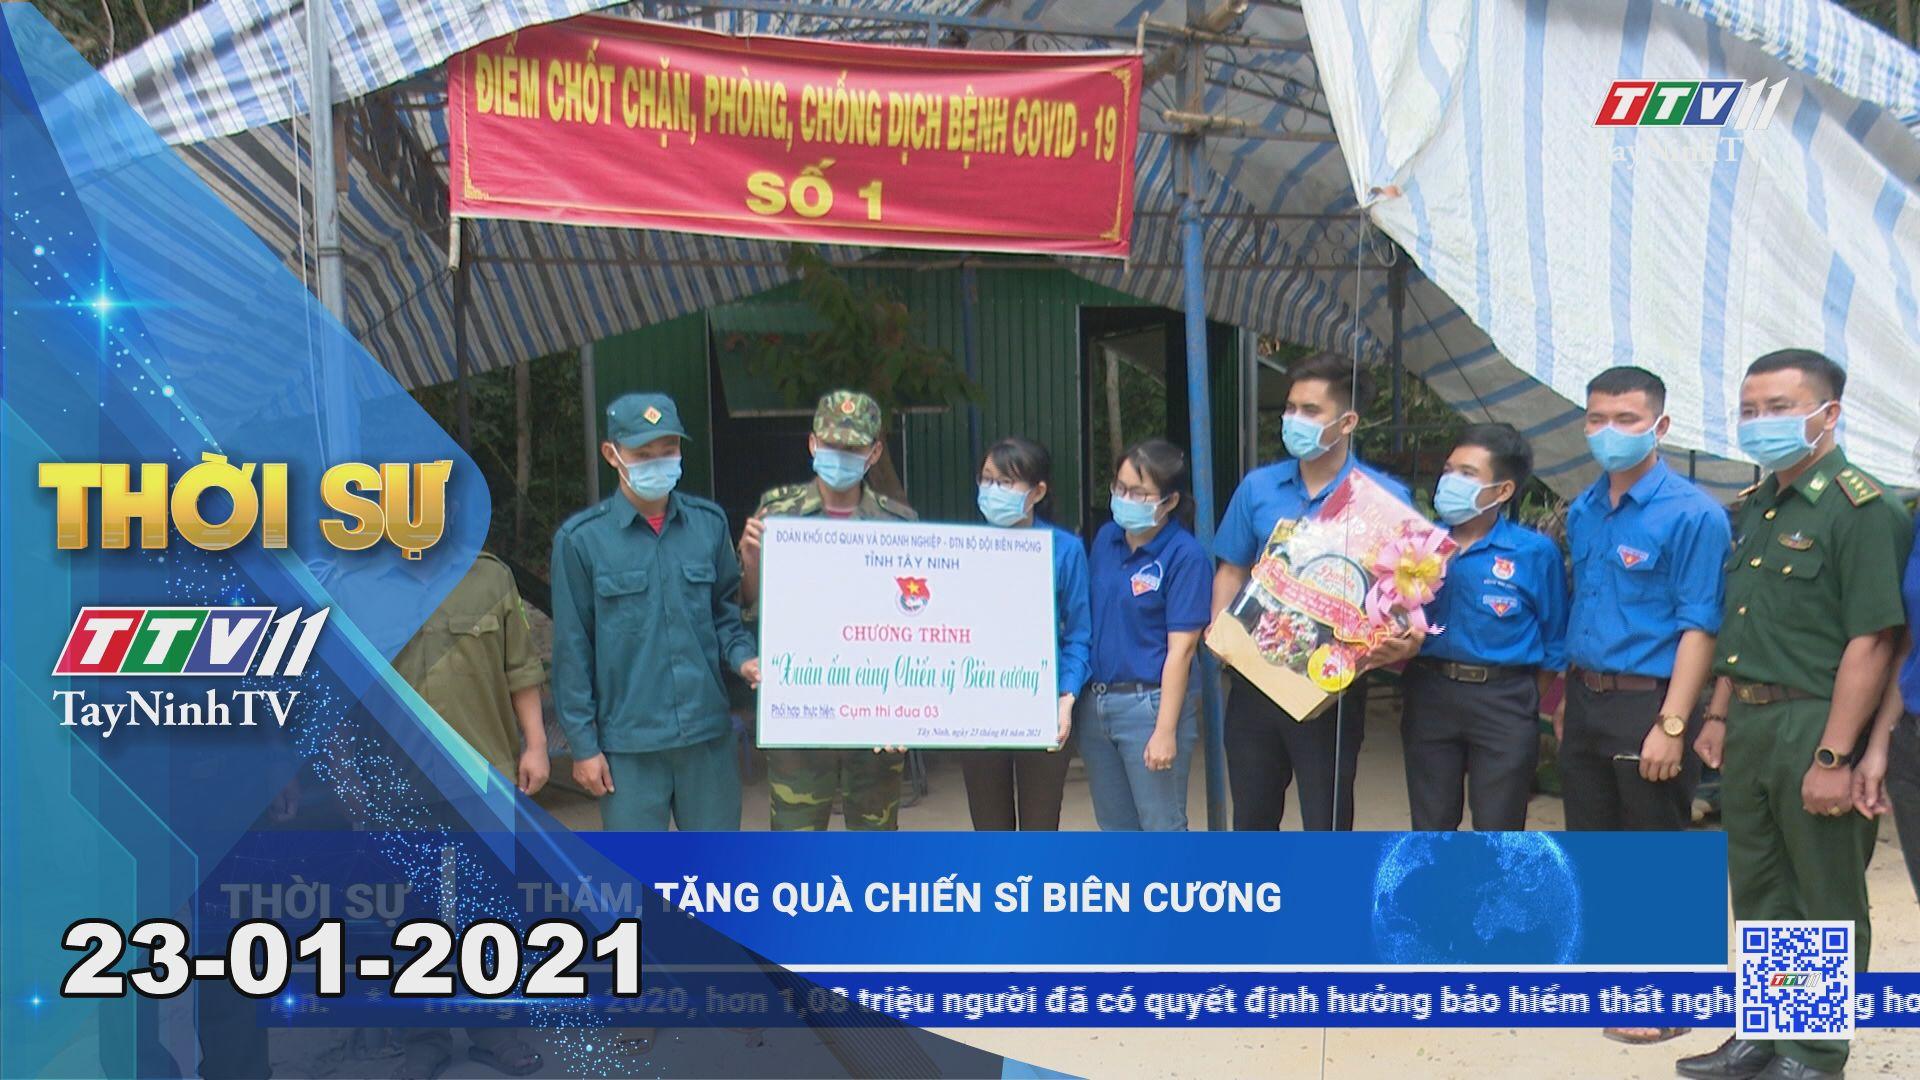 Thời sự Tây Ninh 23-01-2021 | Tin tức hôm nay | TayNinhTV